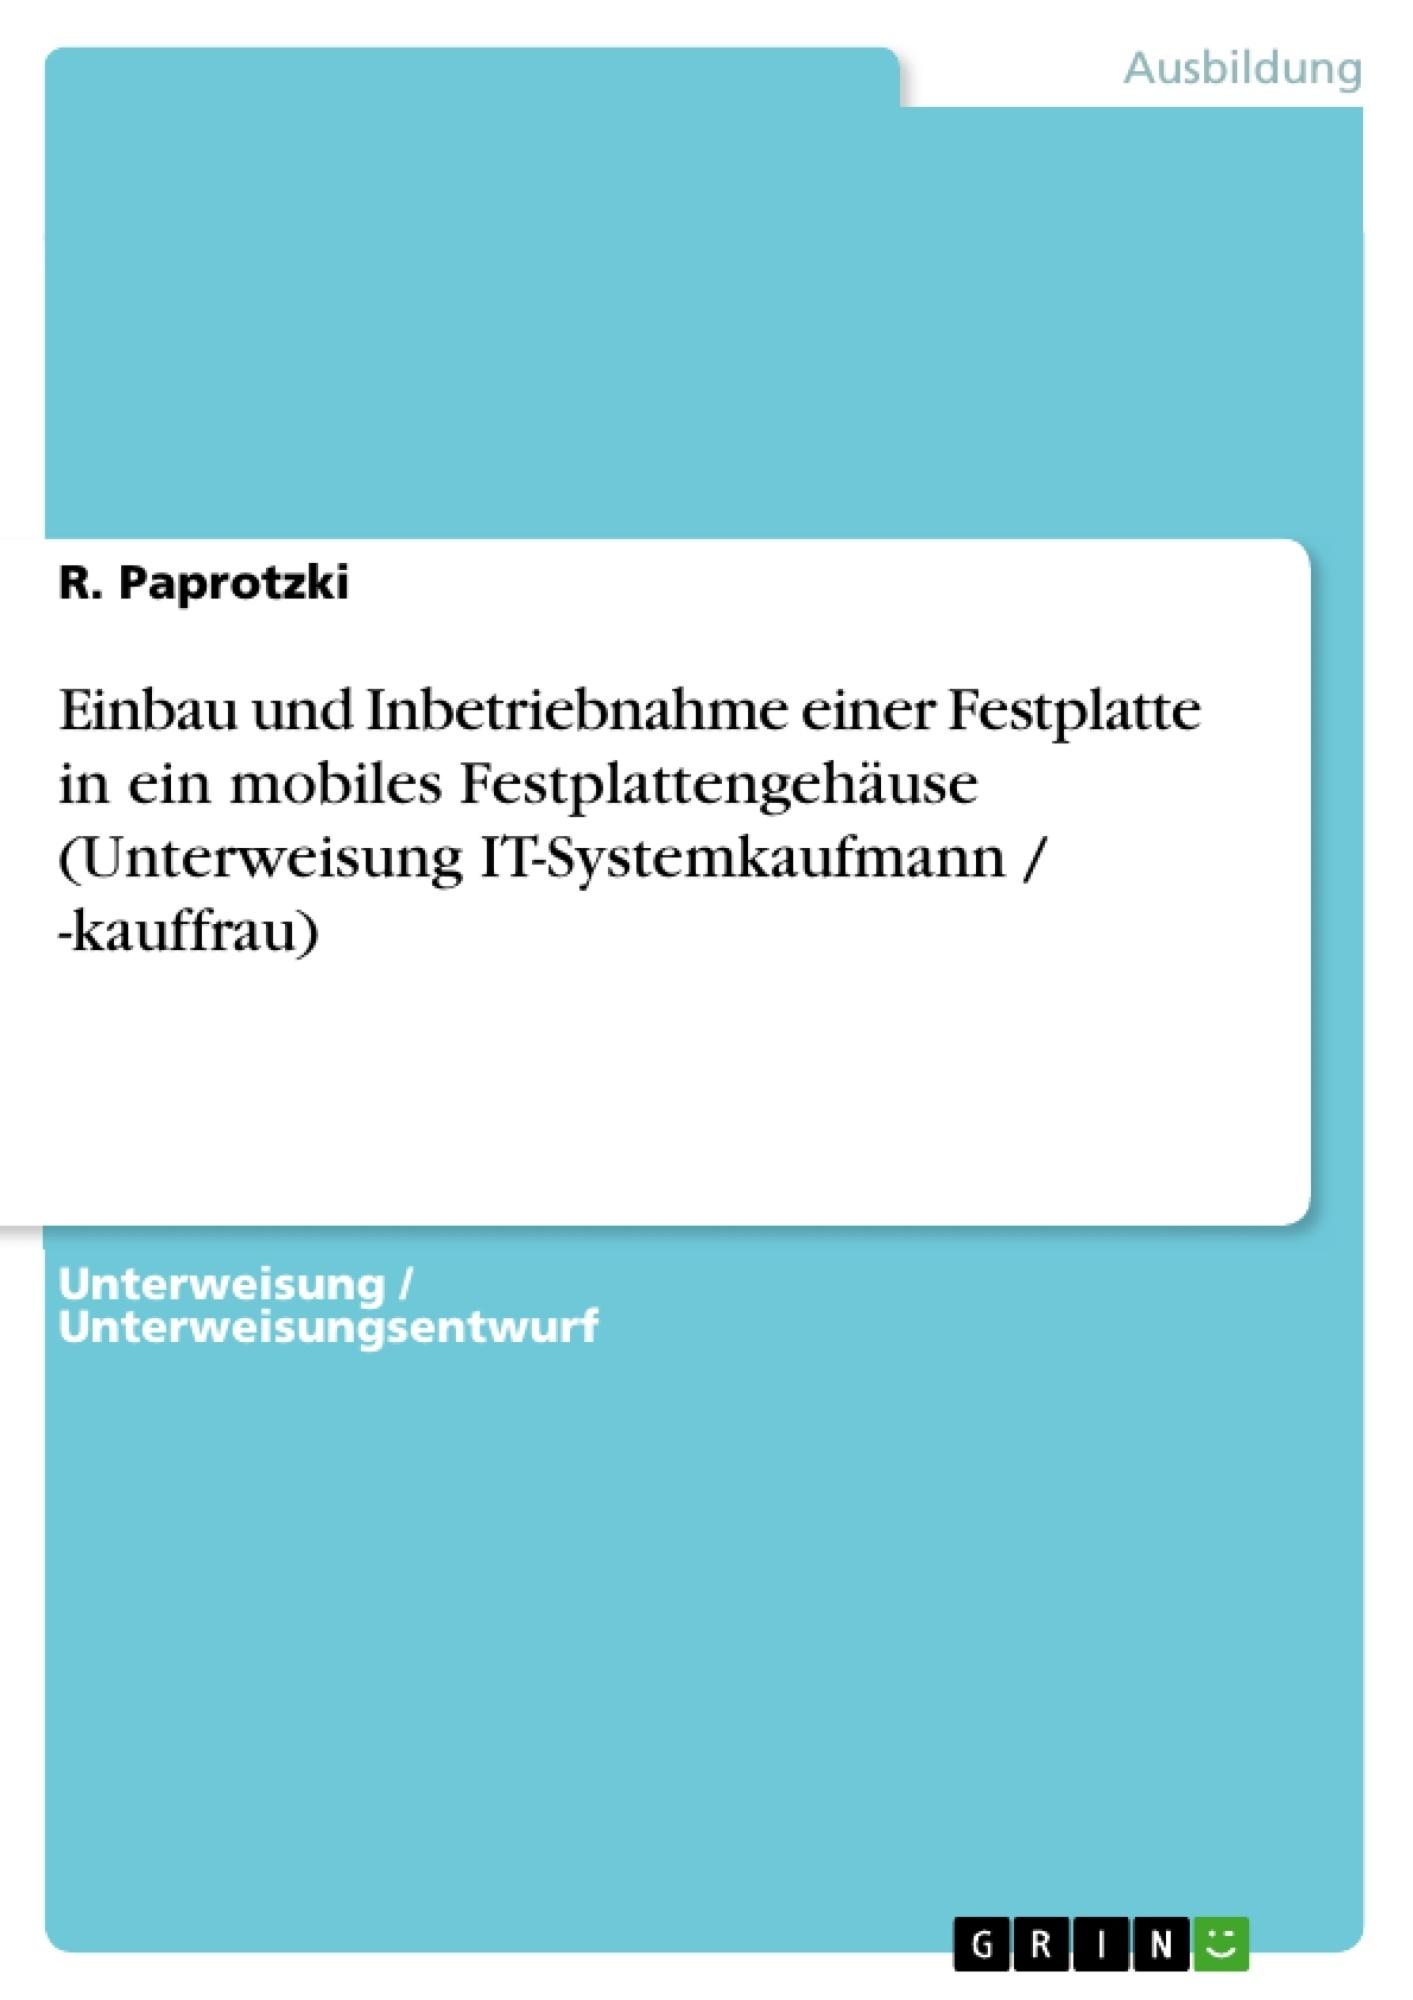 Titel: Einbau und Inbetriebnahme einer Festplatte in ein mobiles Festplattengehäuse (Unterweisung IT-Systemkaufmann / -kauffrau)